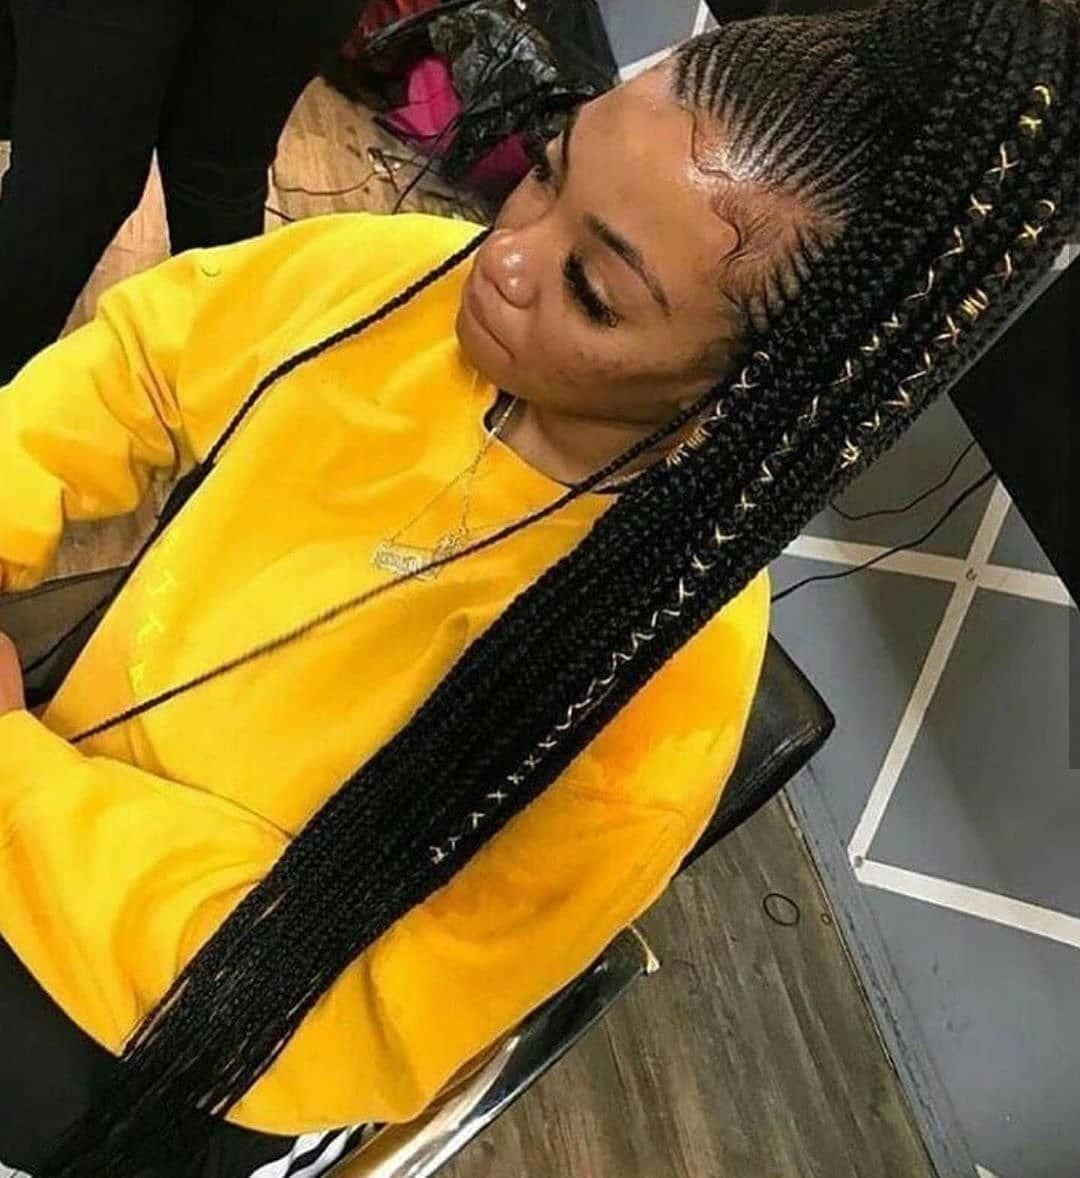 BEST Braided Hairstyles 2021 hairstyleforblackwomen.net 190